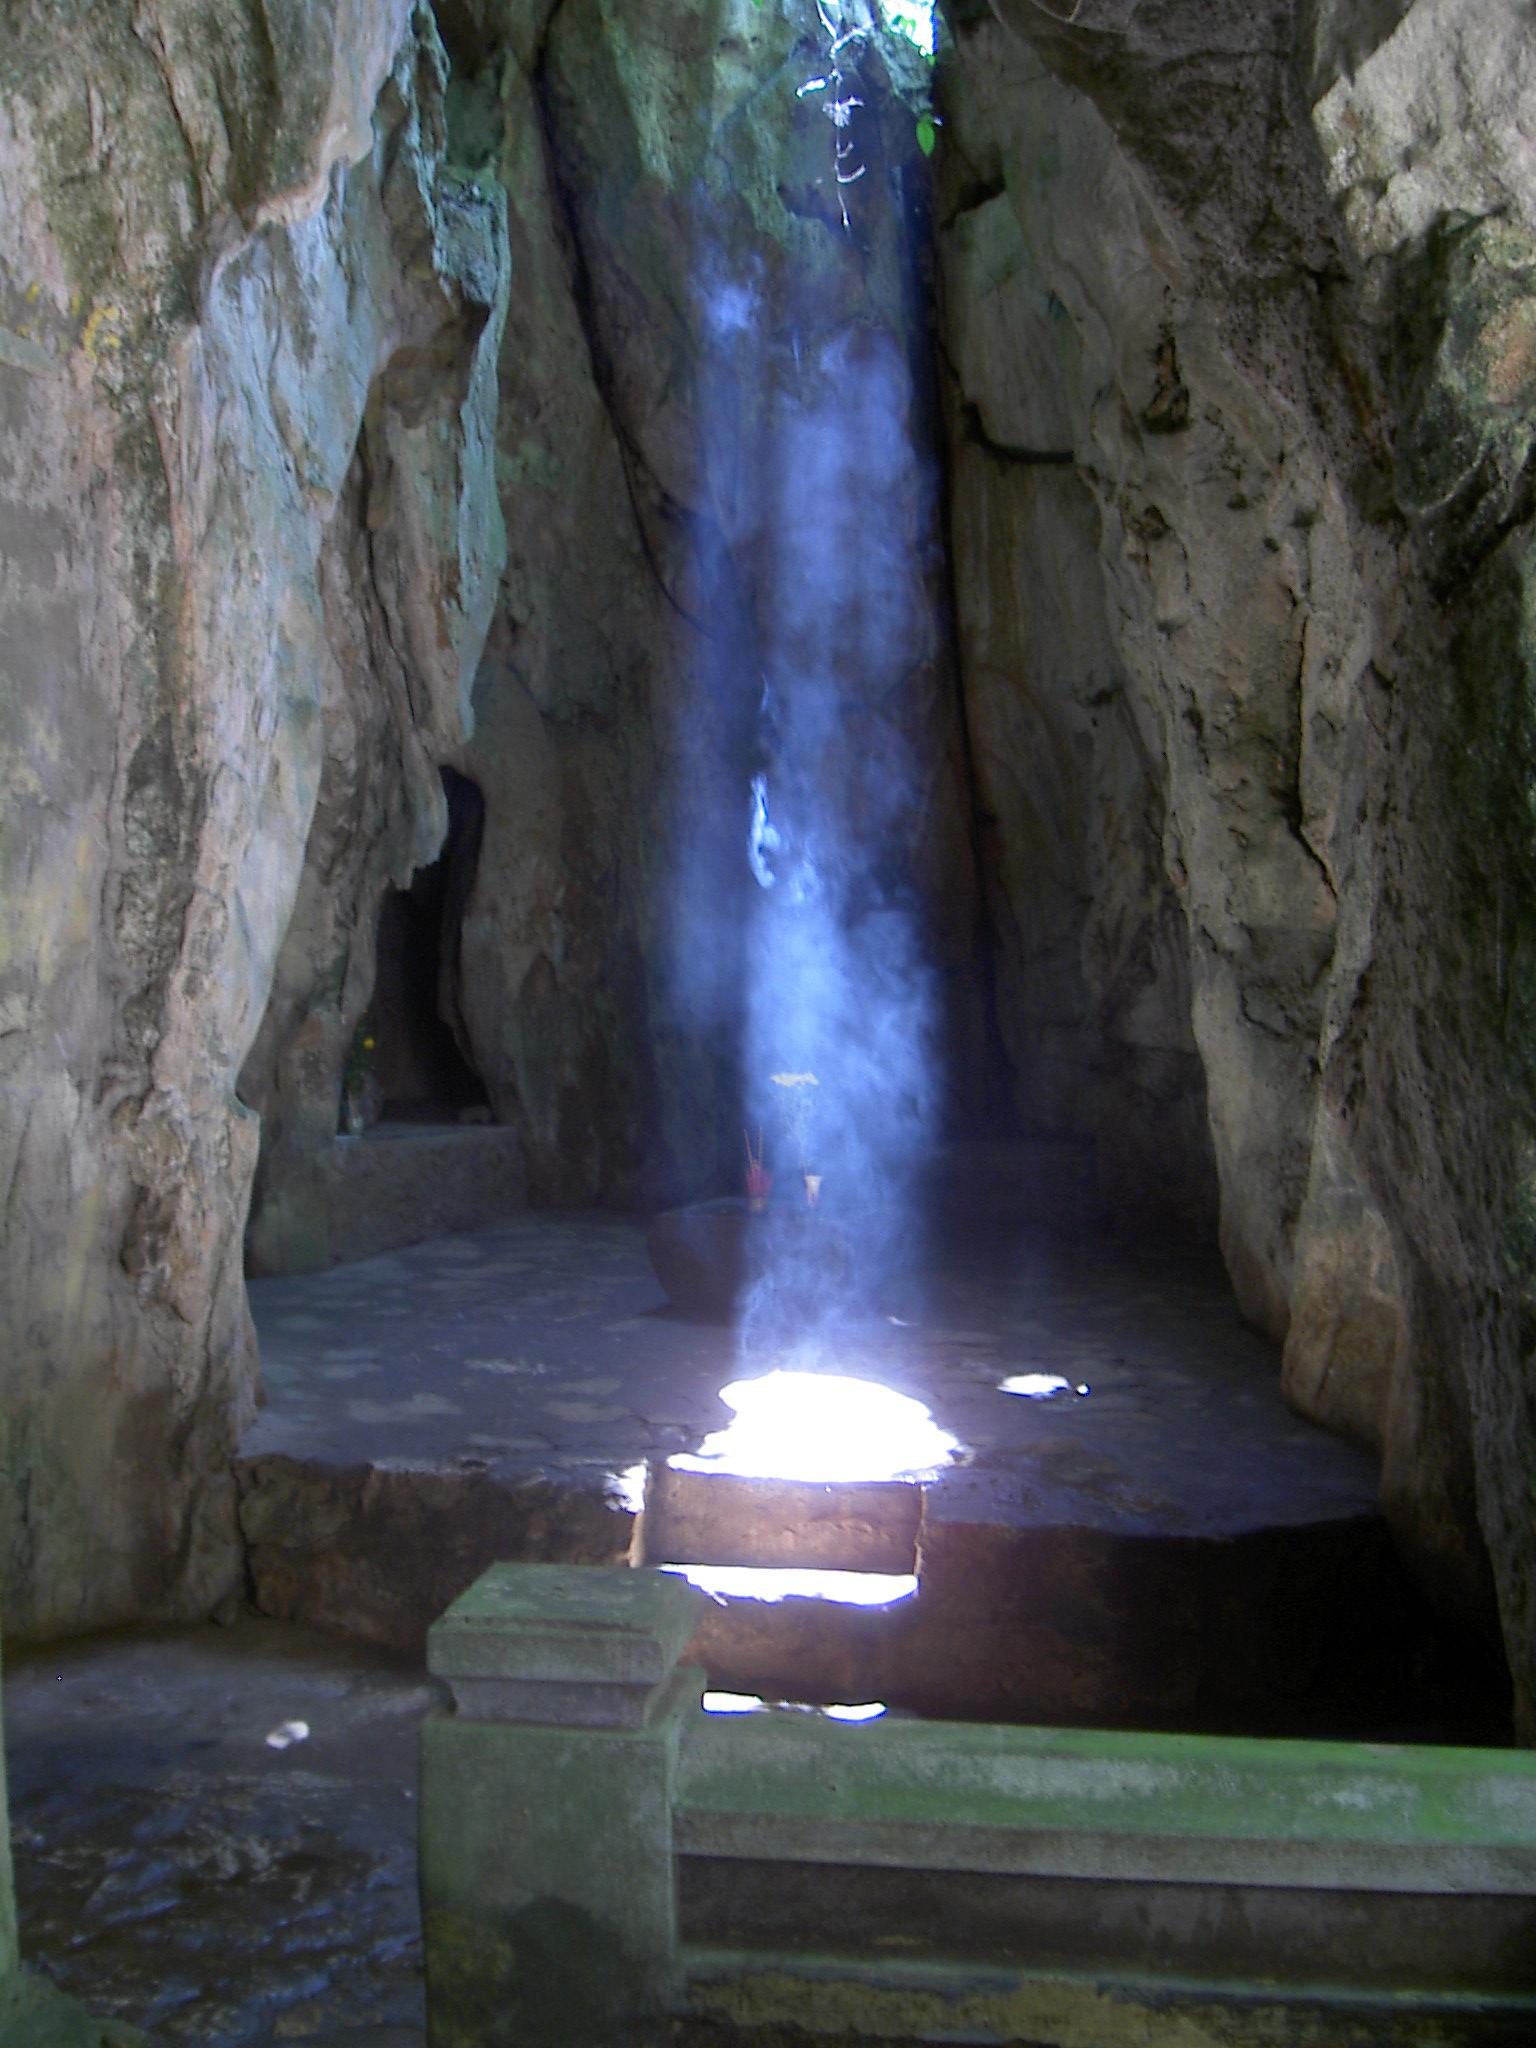 beam-of-light-1199057.jpg